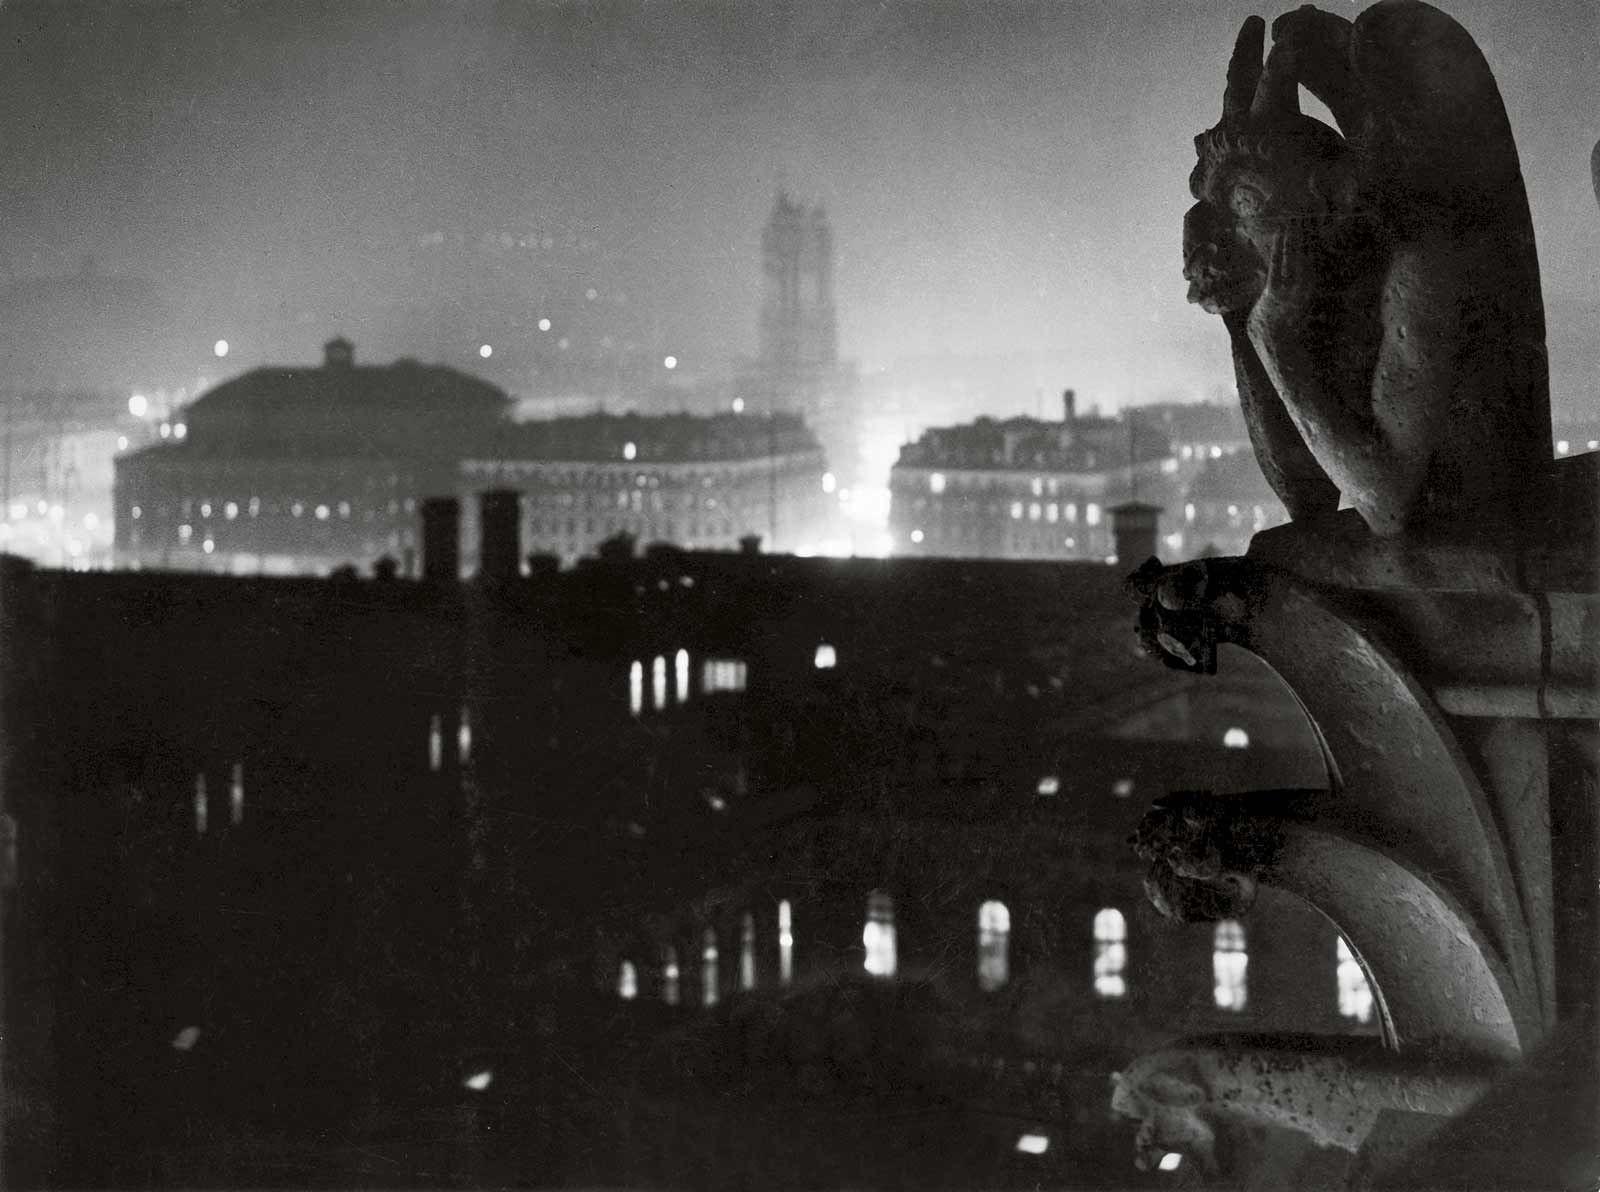 Вид на Париж из Нотр-Дама в сторону Отеля Дьё и Тур Сен-Жак, 1933. Фотограф Брассаи